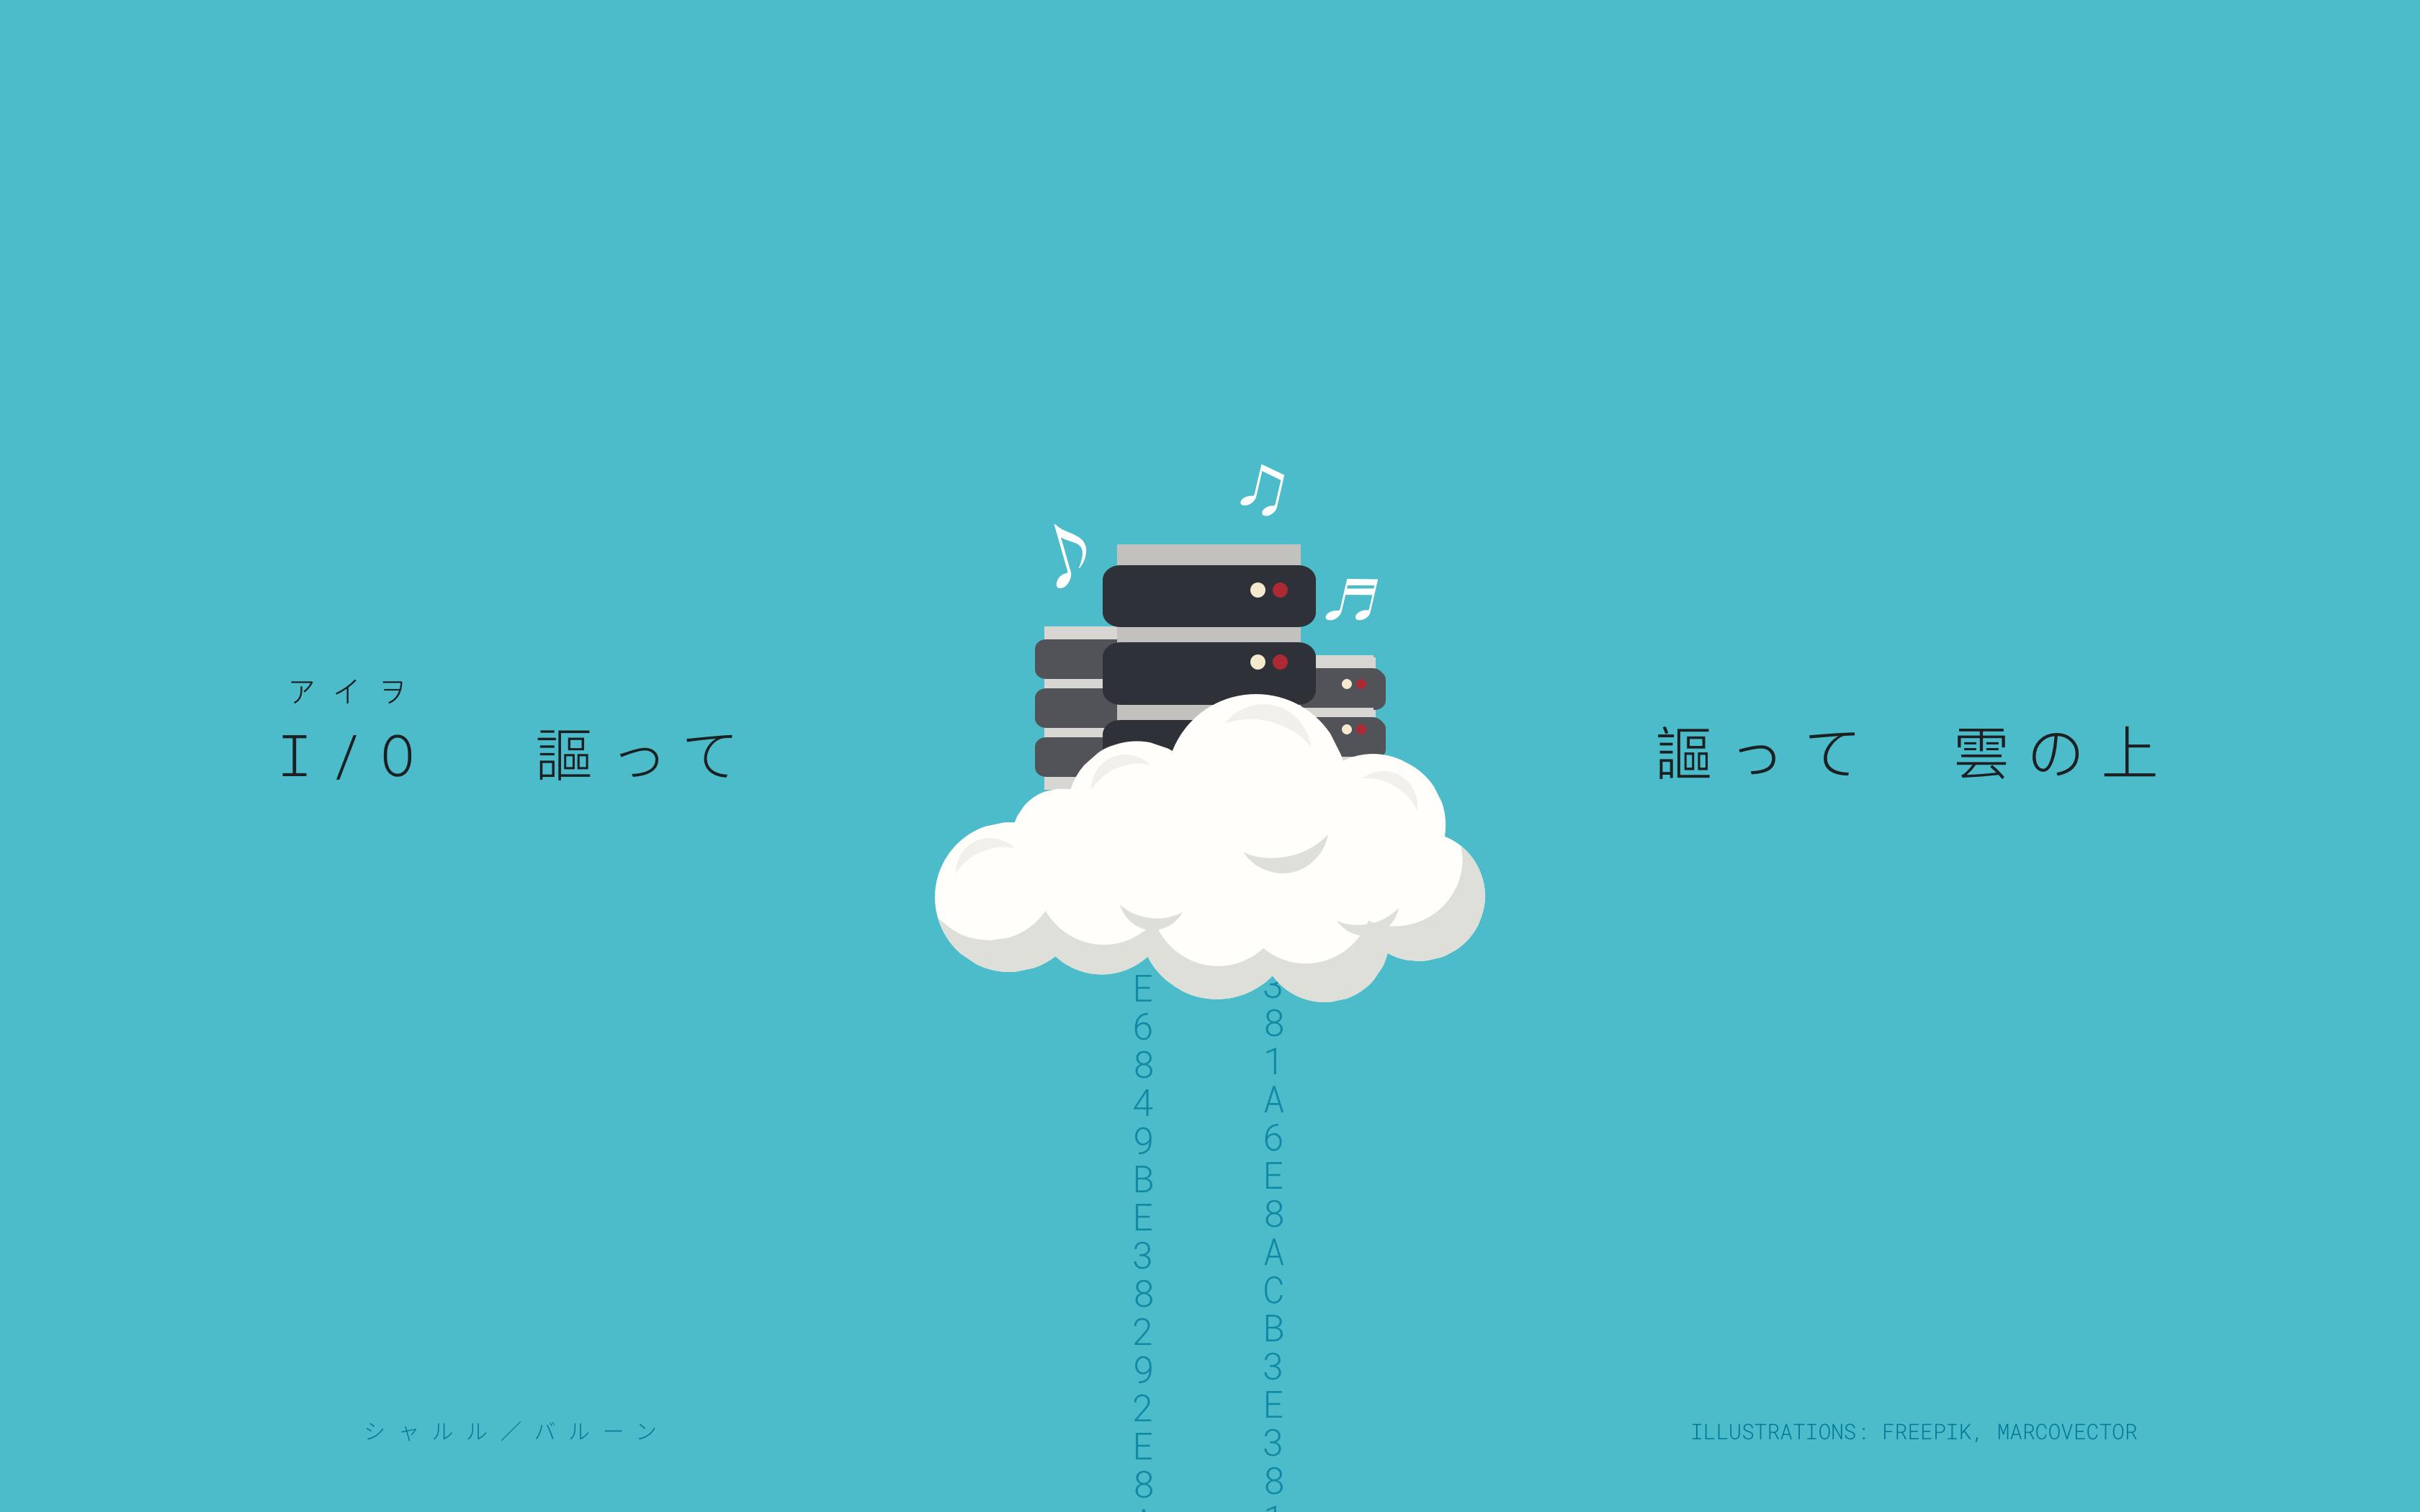 I/O 謳って 謳って 雲の上